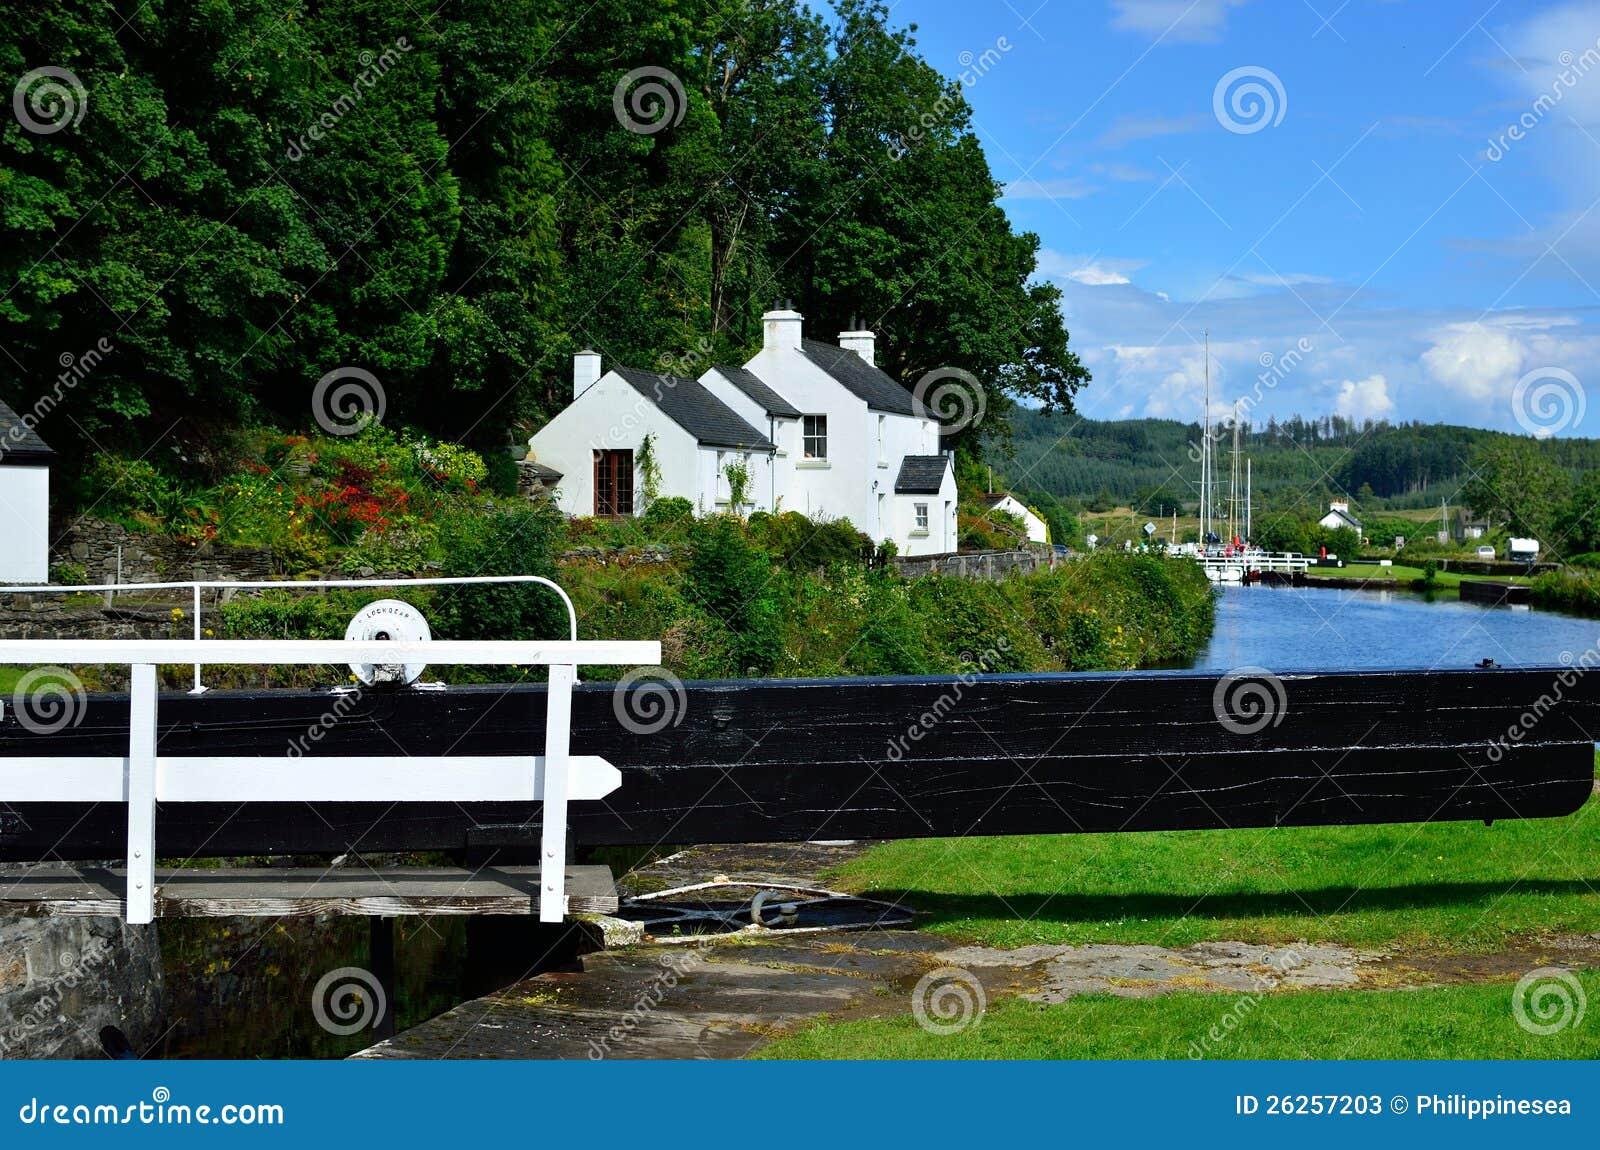 Canal lock gate